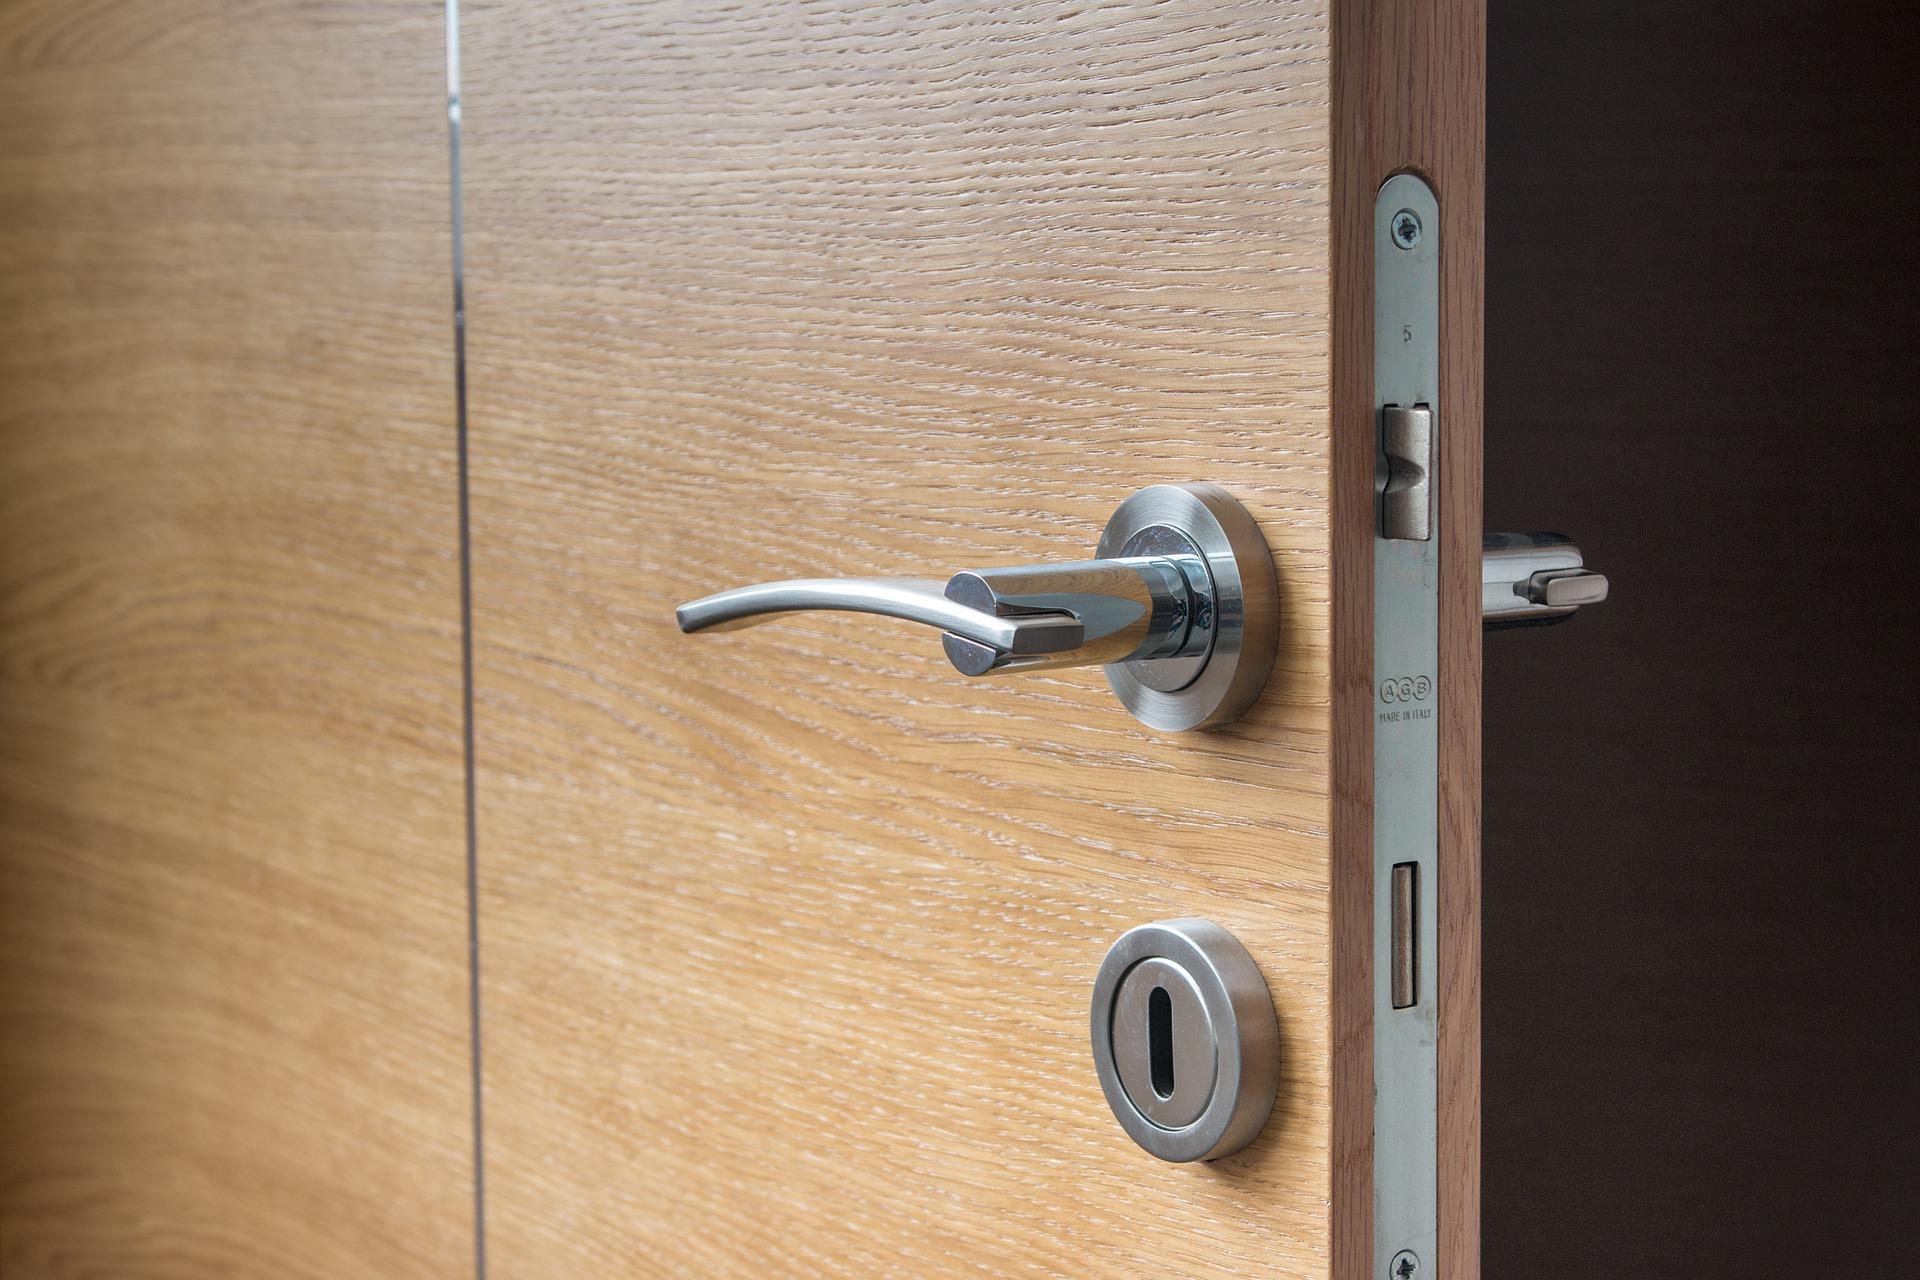 A Segurança Da Sua Casa Começa Pela Porta